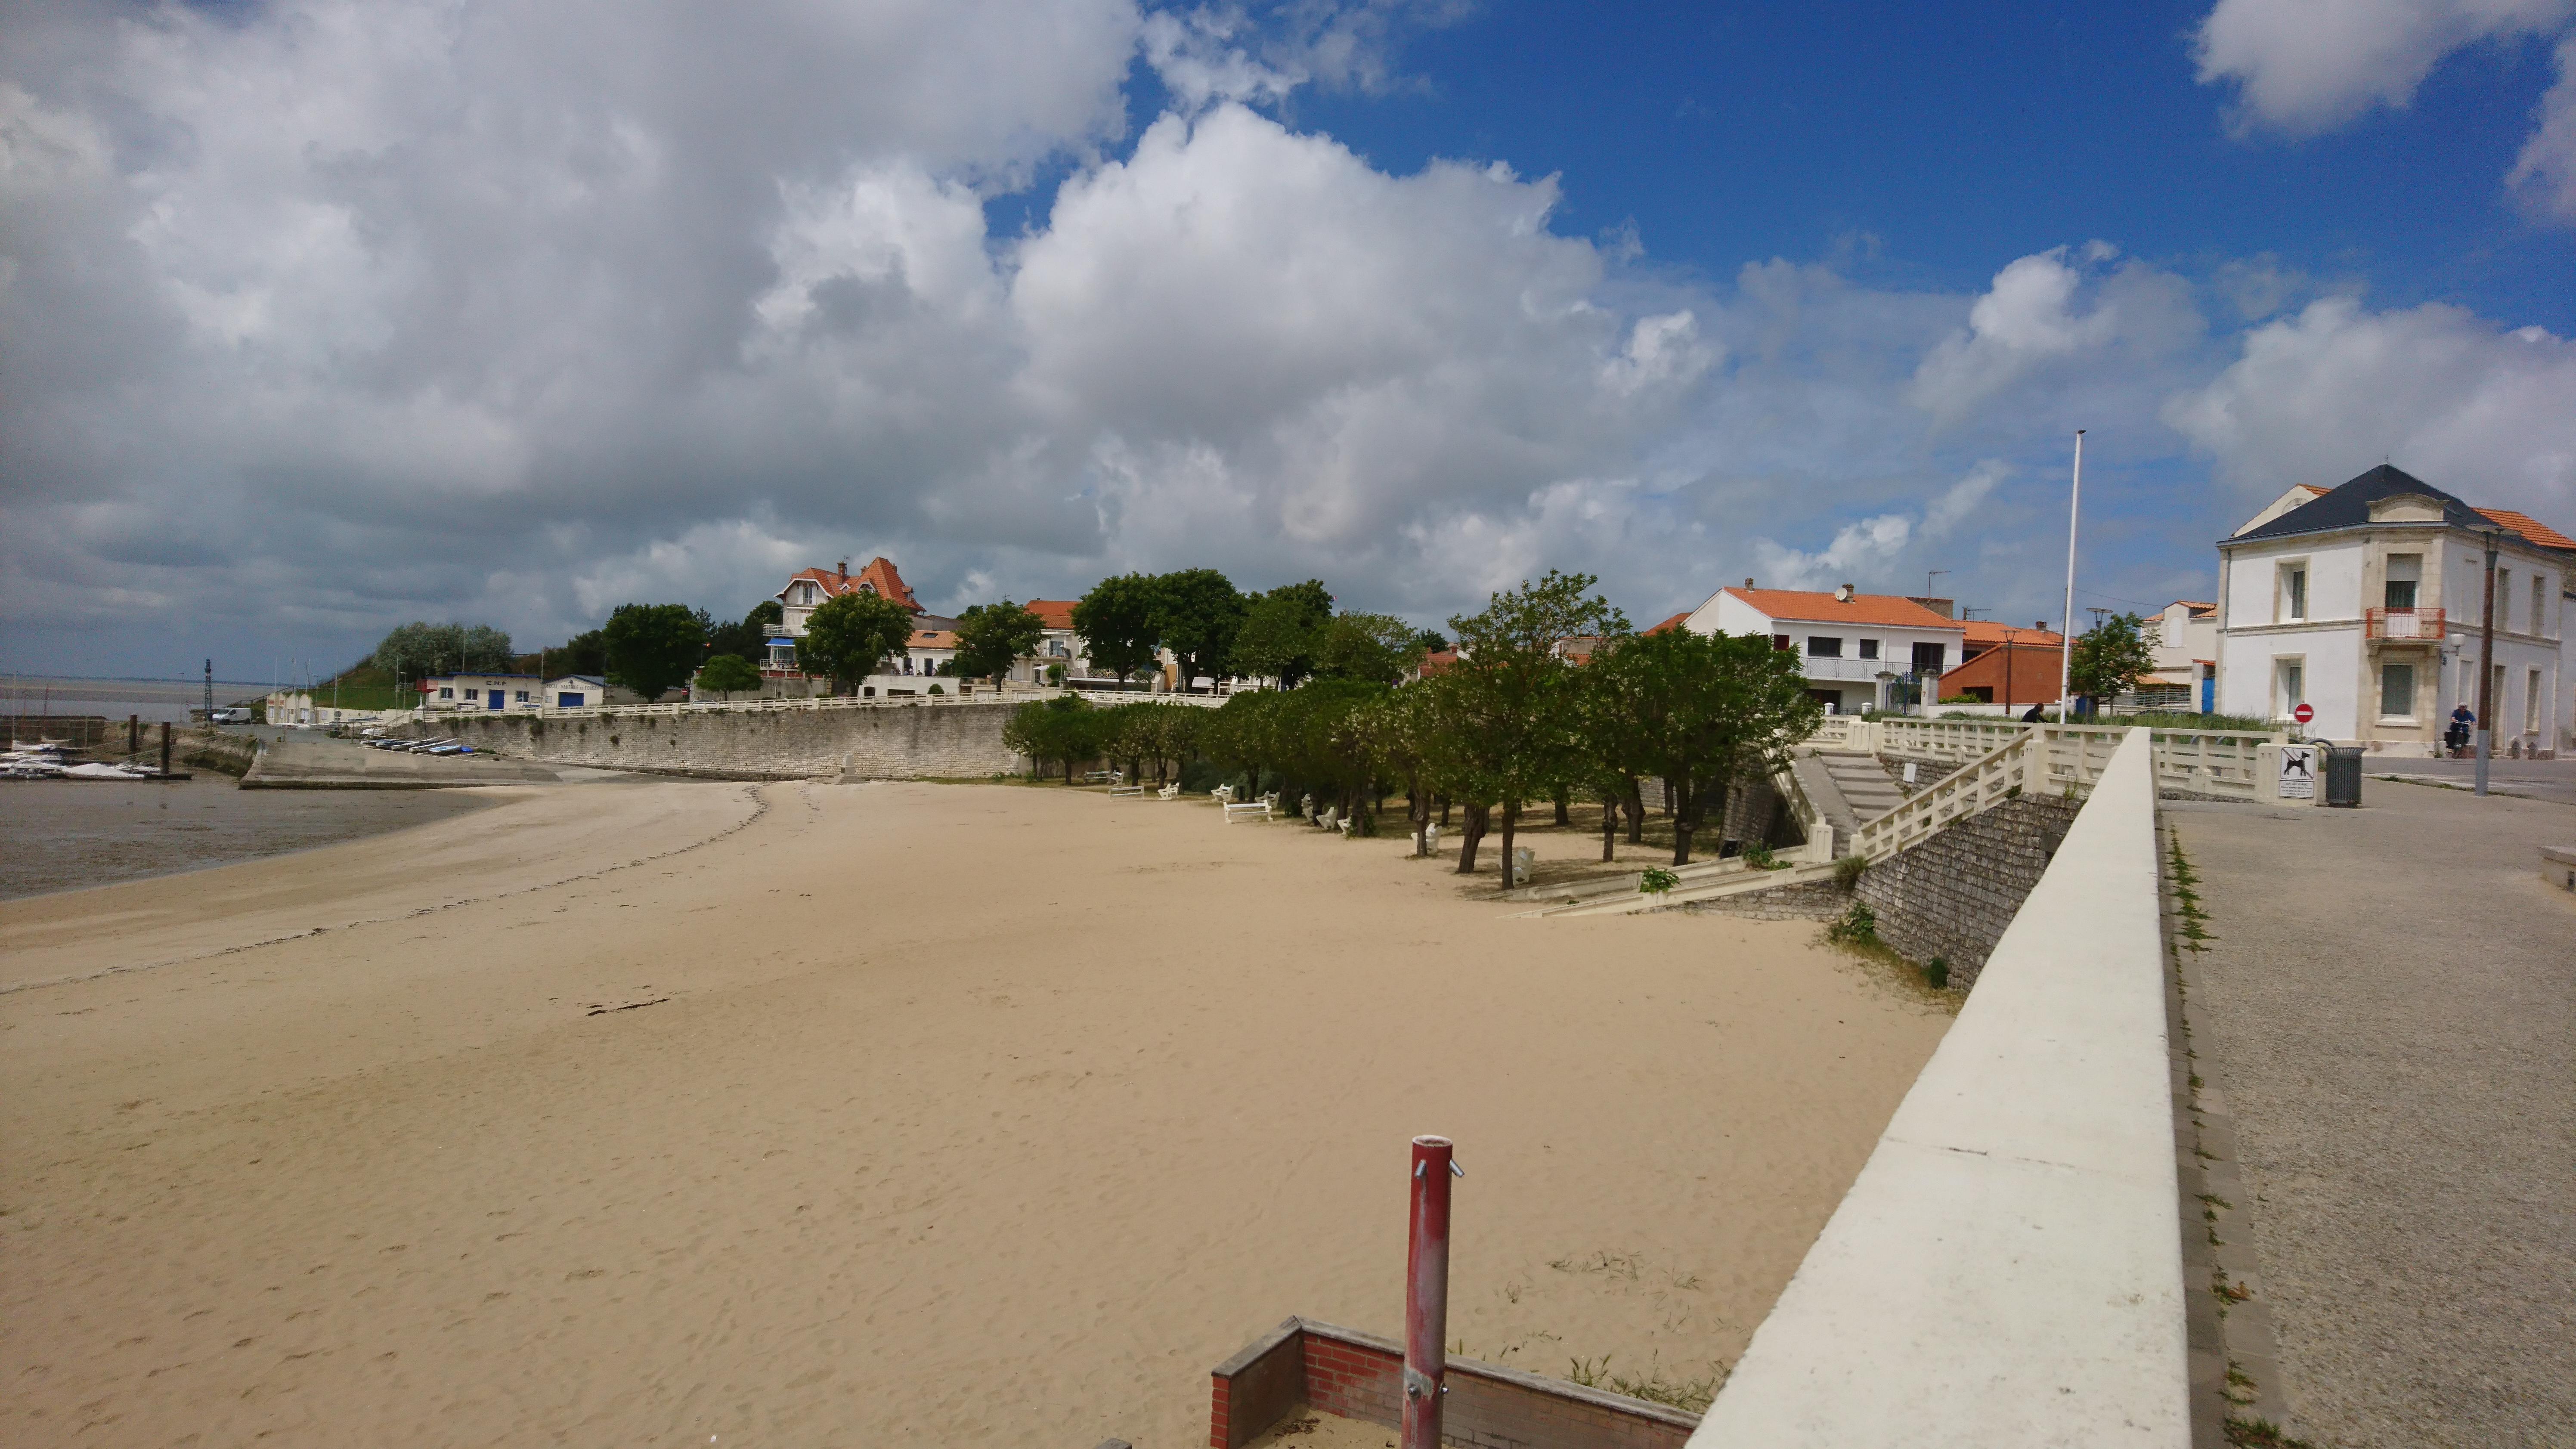 plage de fourras petrite ville agréable